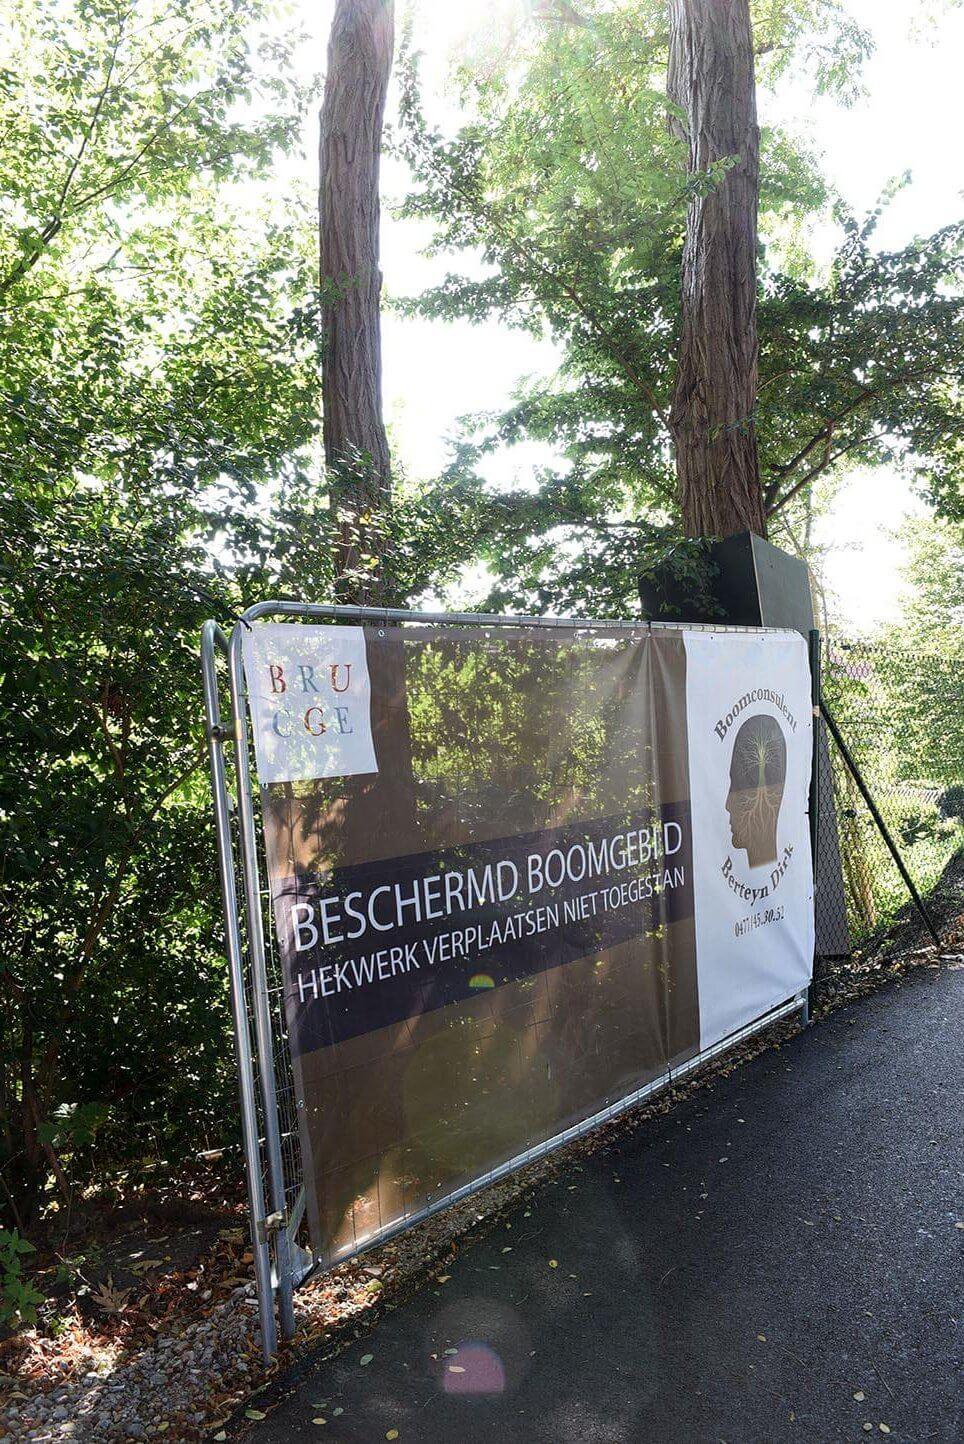 'Beschermd boomgebied, Hekwerk verplaatsen niet toegestaan'